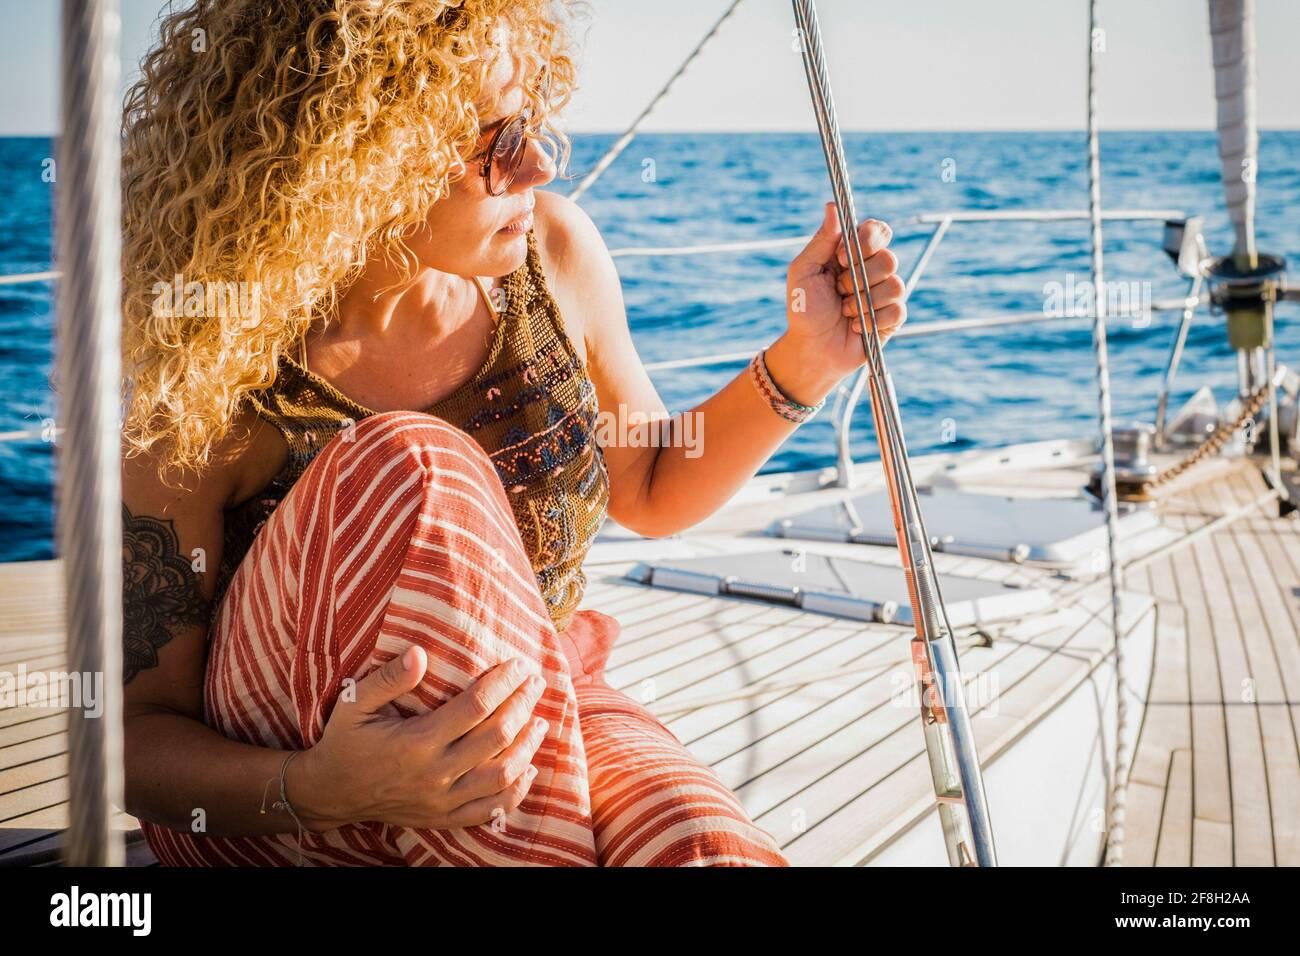 Portrait d'une femme d'âge moyen attrayante assise sur le bois terrasse du yacth appréciant le voyage - concept de style de vie de luxe avec yacht - femme p Banque D'Images